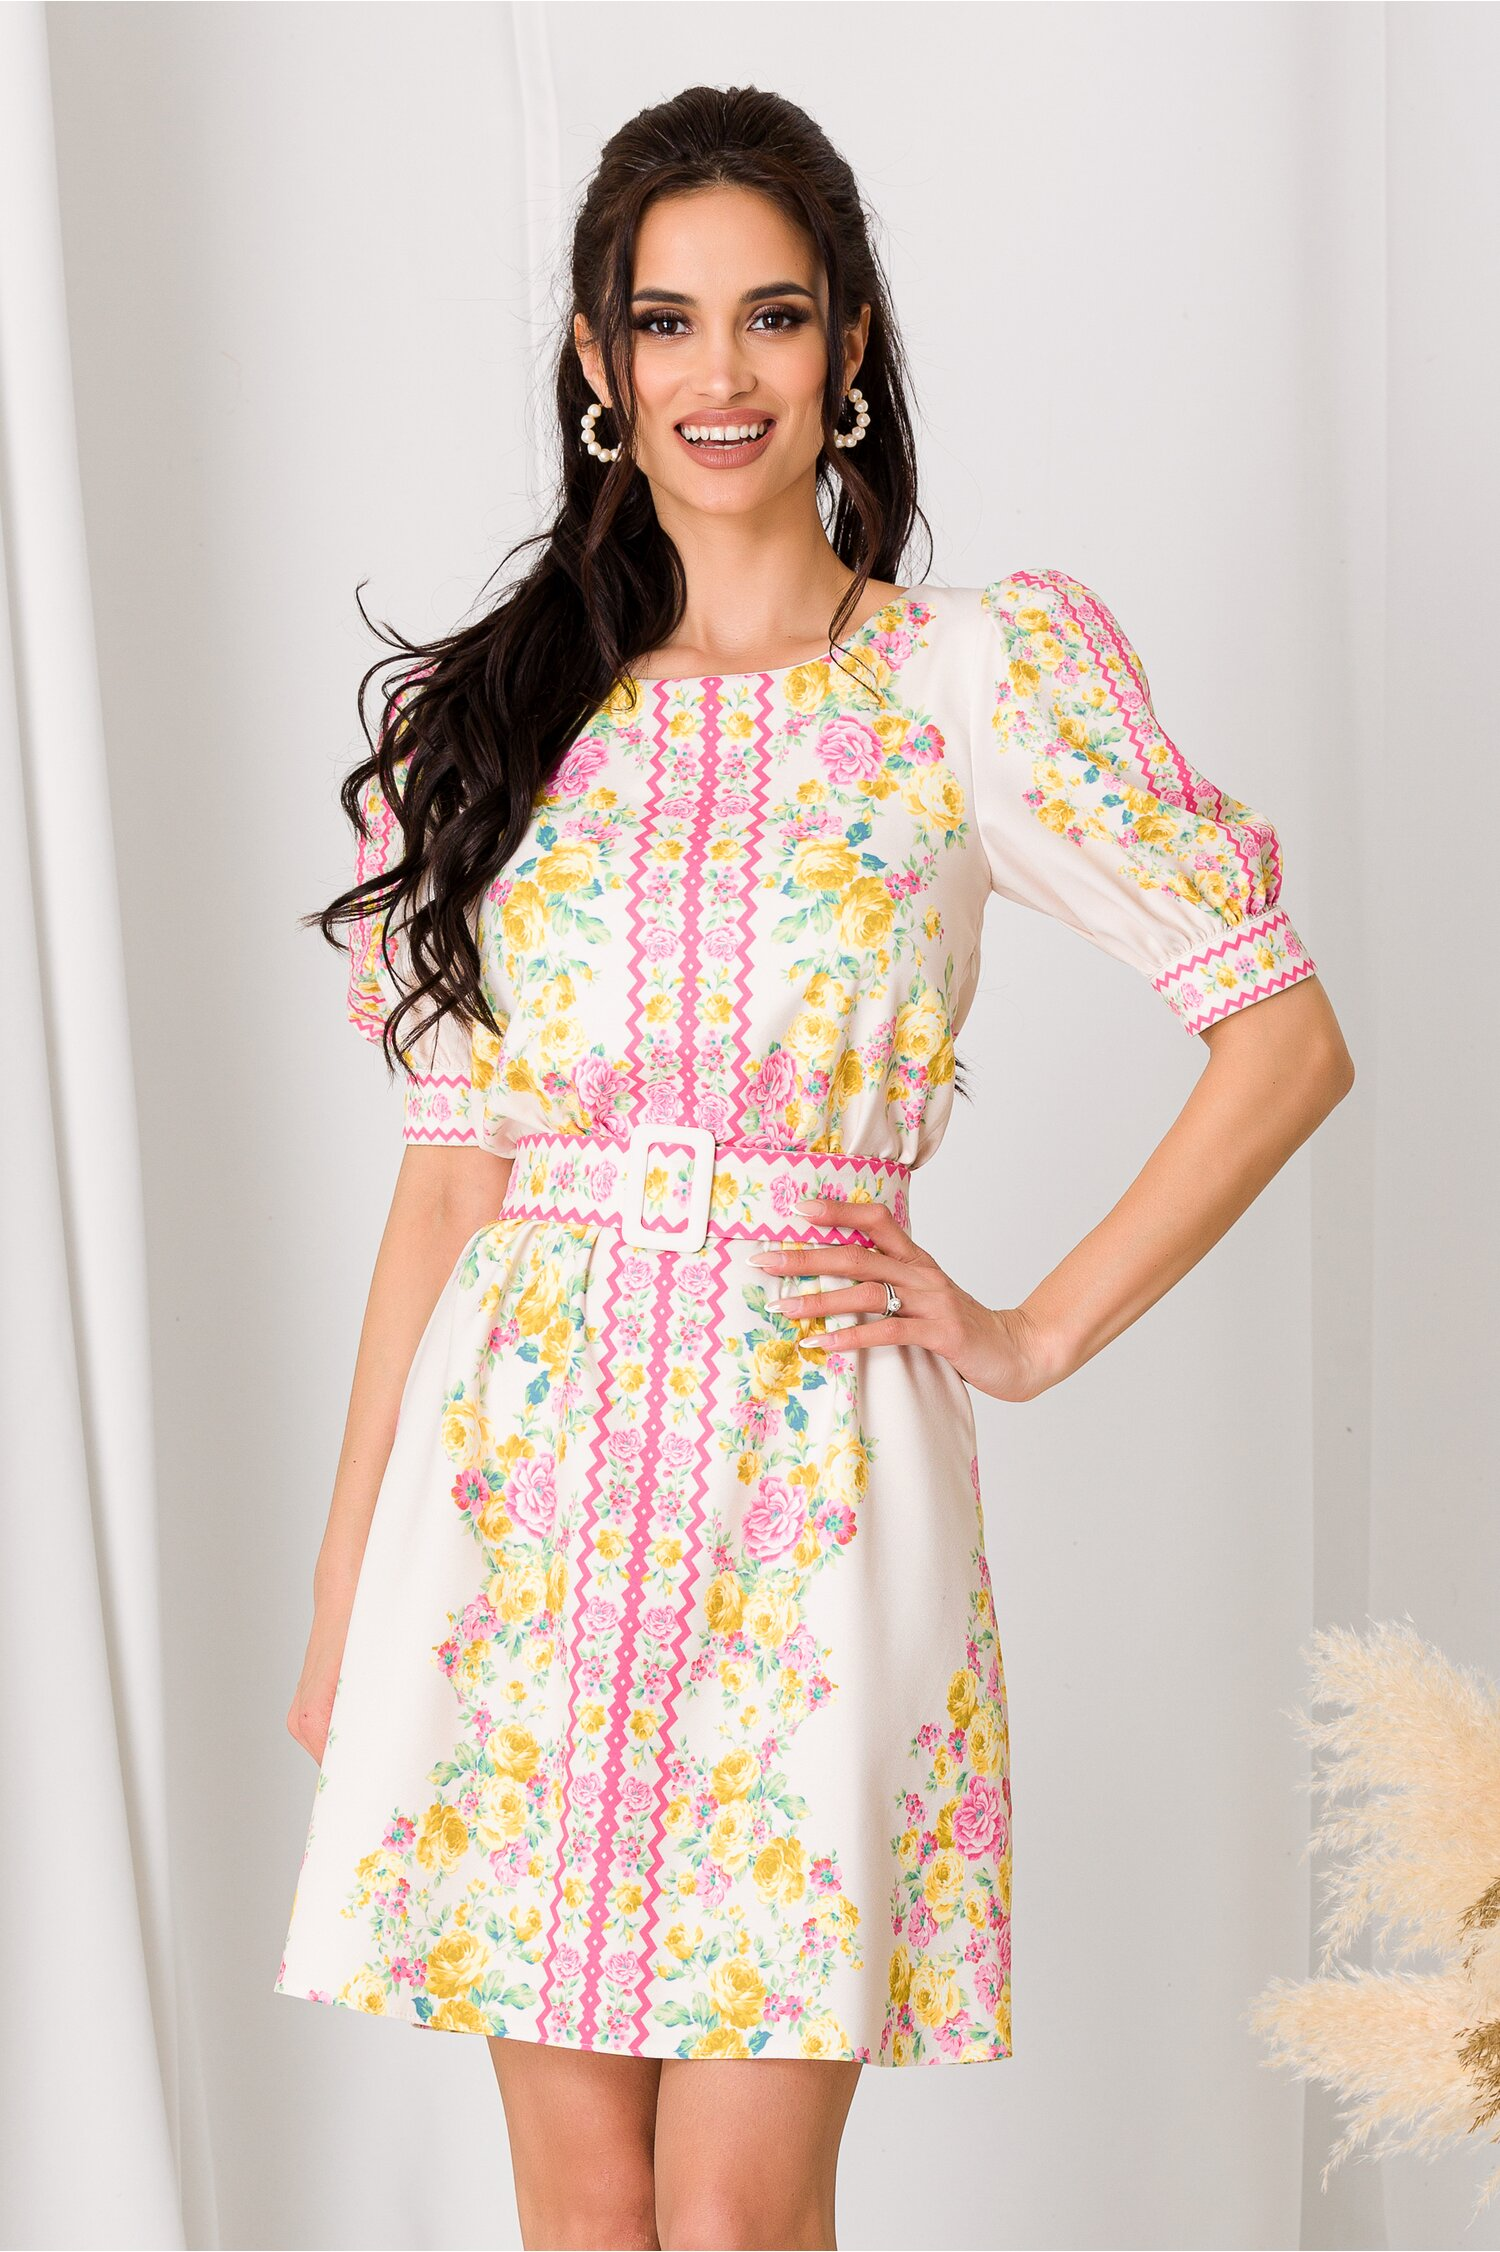 Rochie Lara ivory cu imprimeuri florale roz si galbene